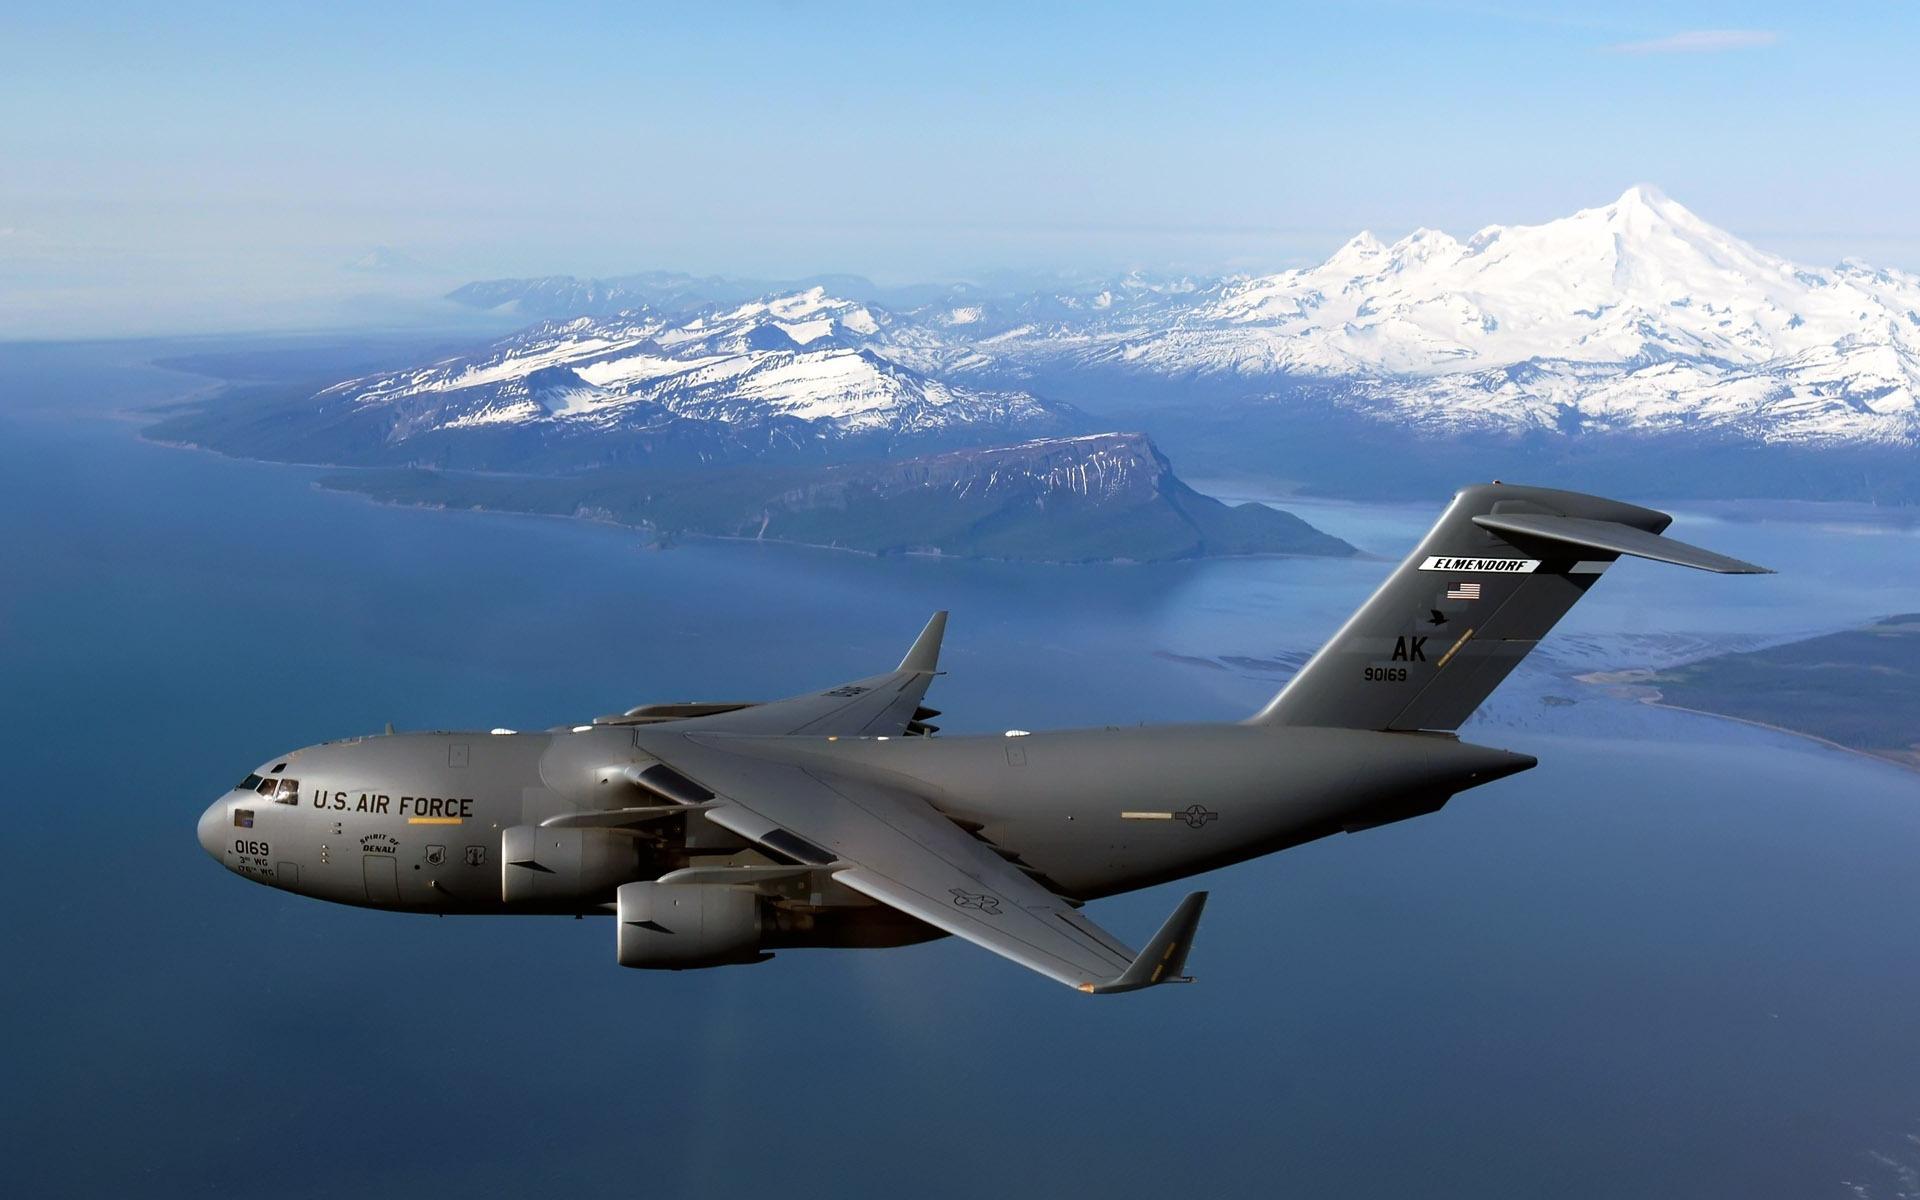 военно-транспортный, самолёт, США